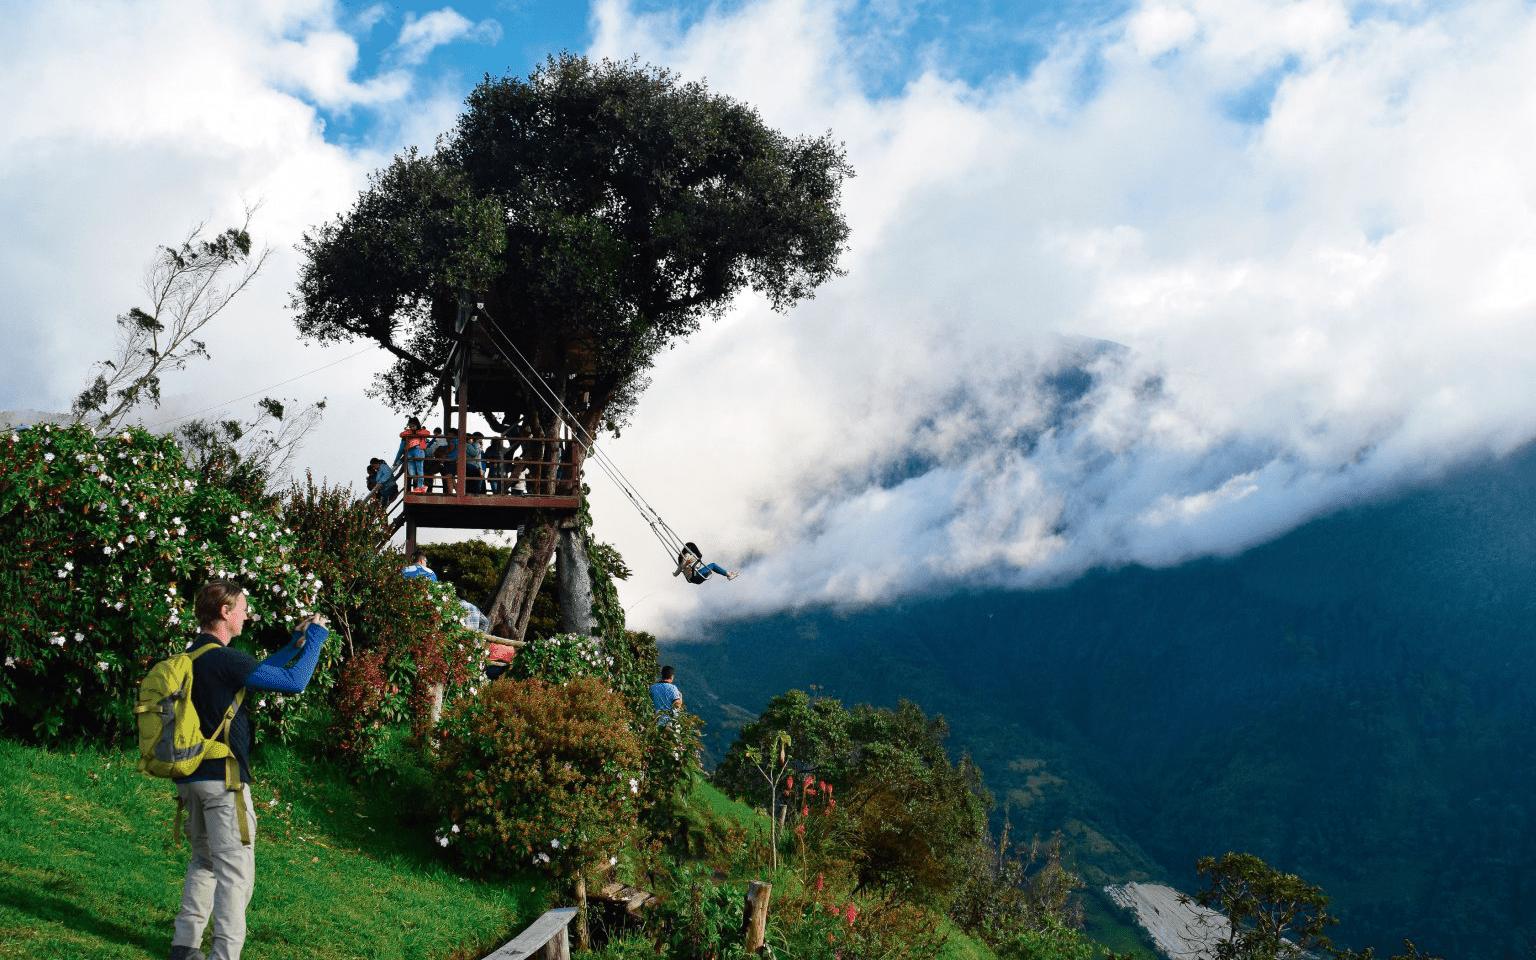 casa del arbol baños ecuador